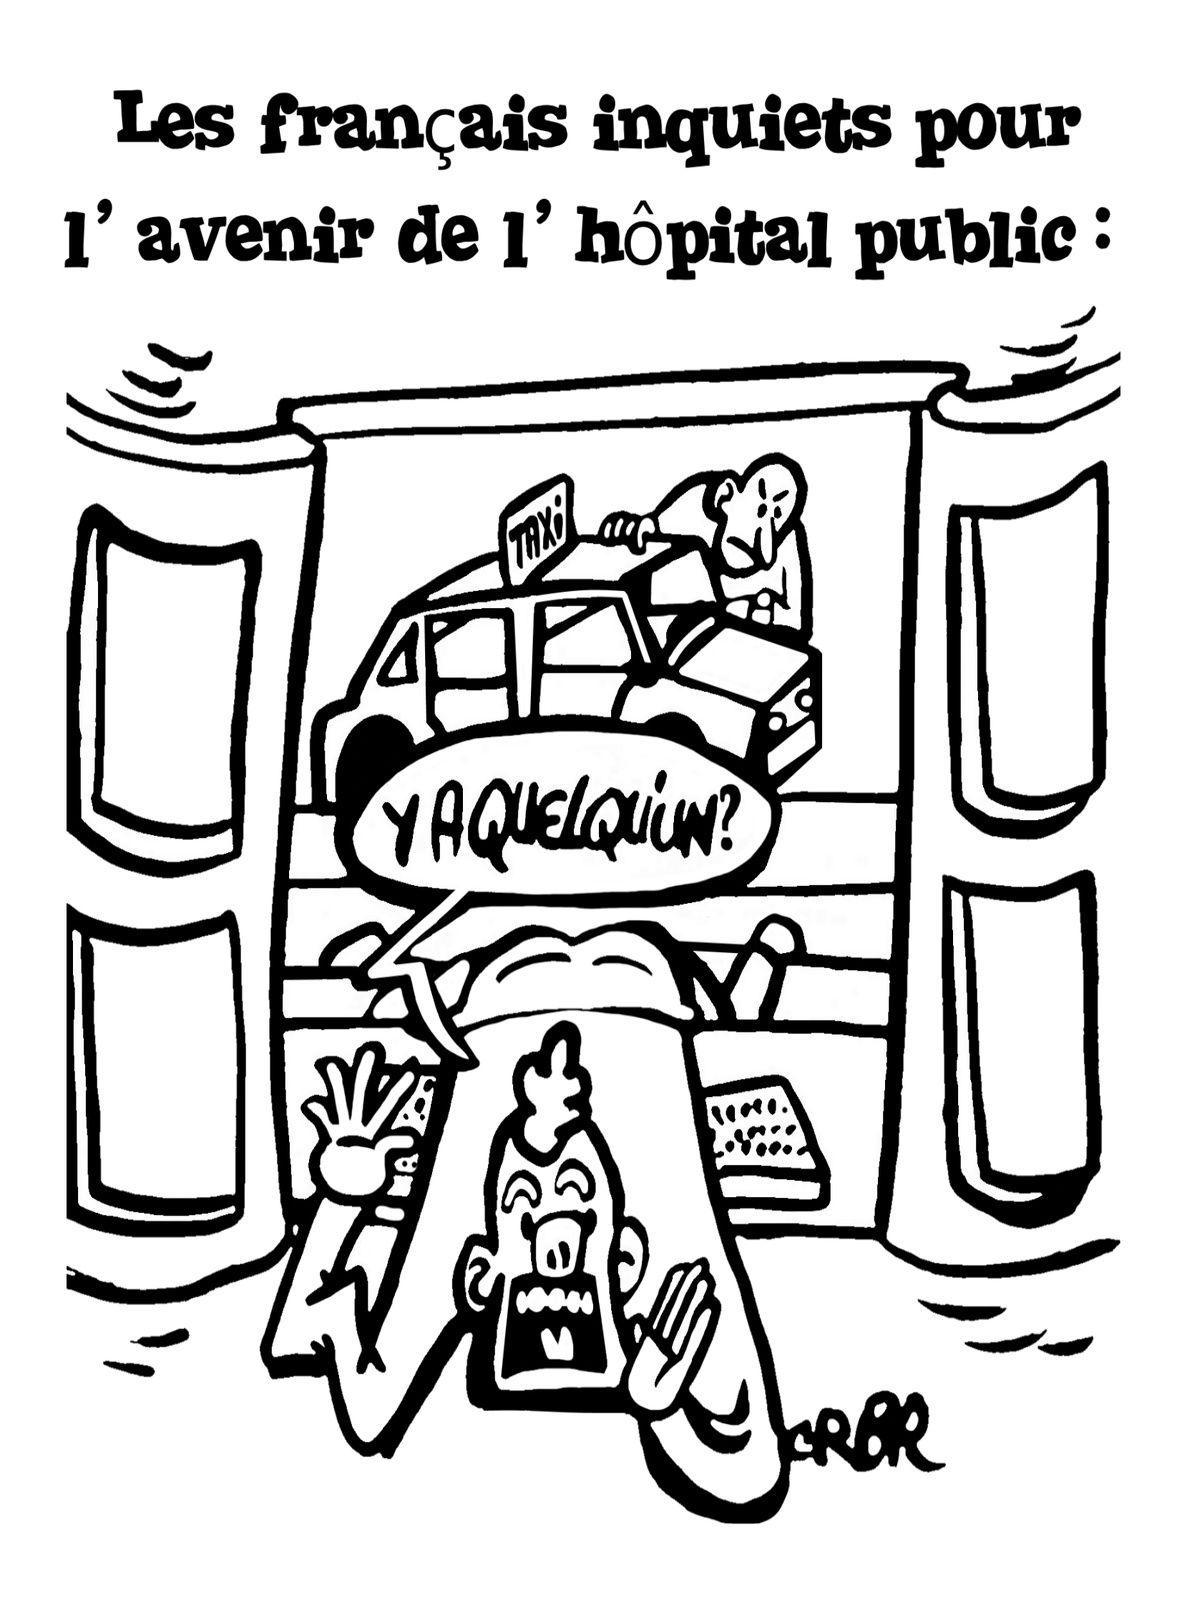 Les français inquiets pour l' avenir de l' hôpital public: